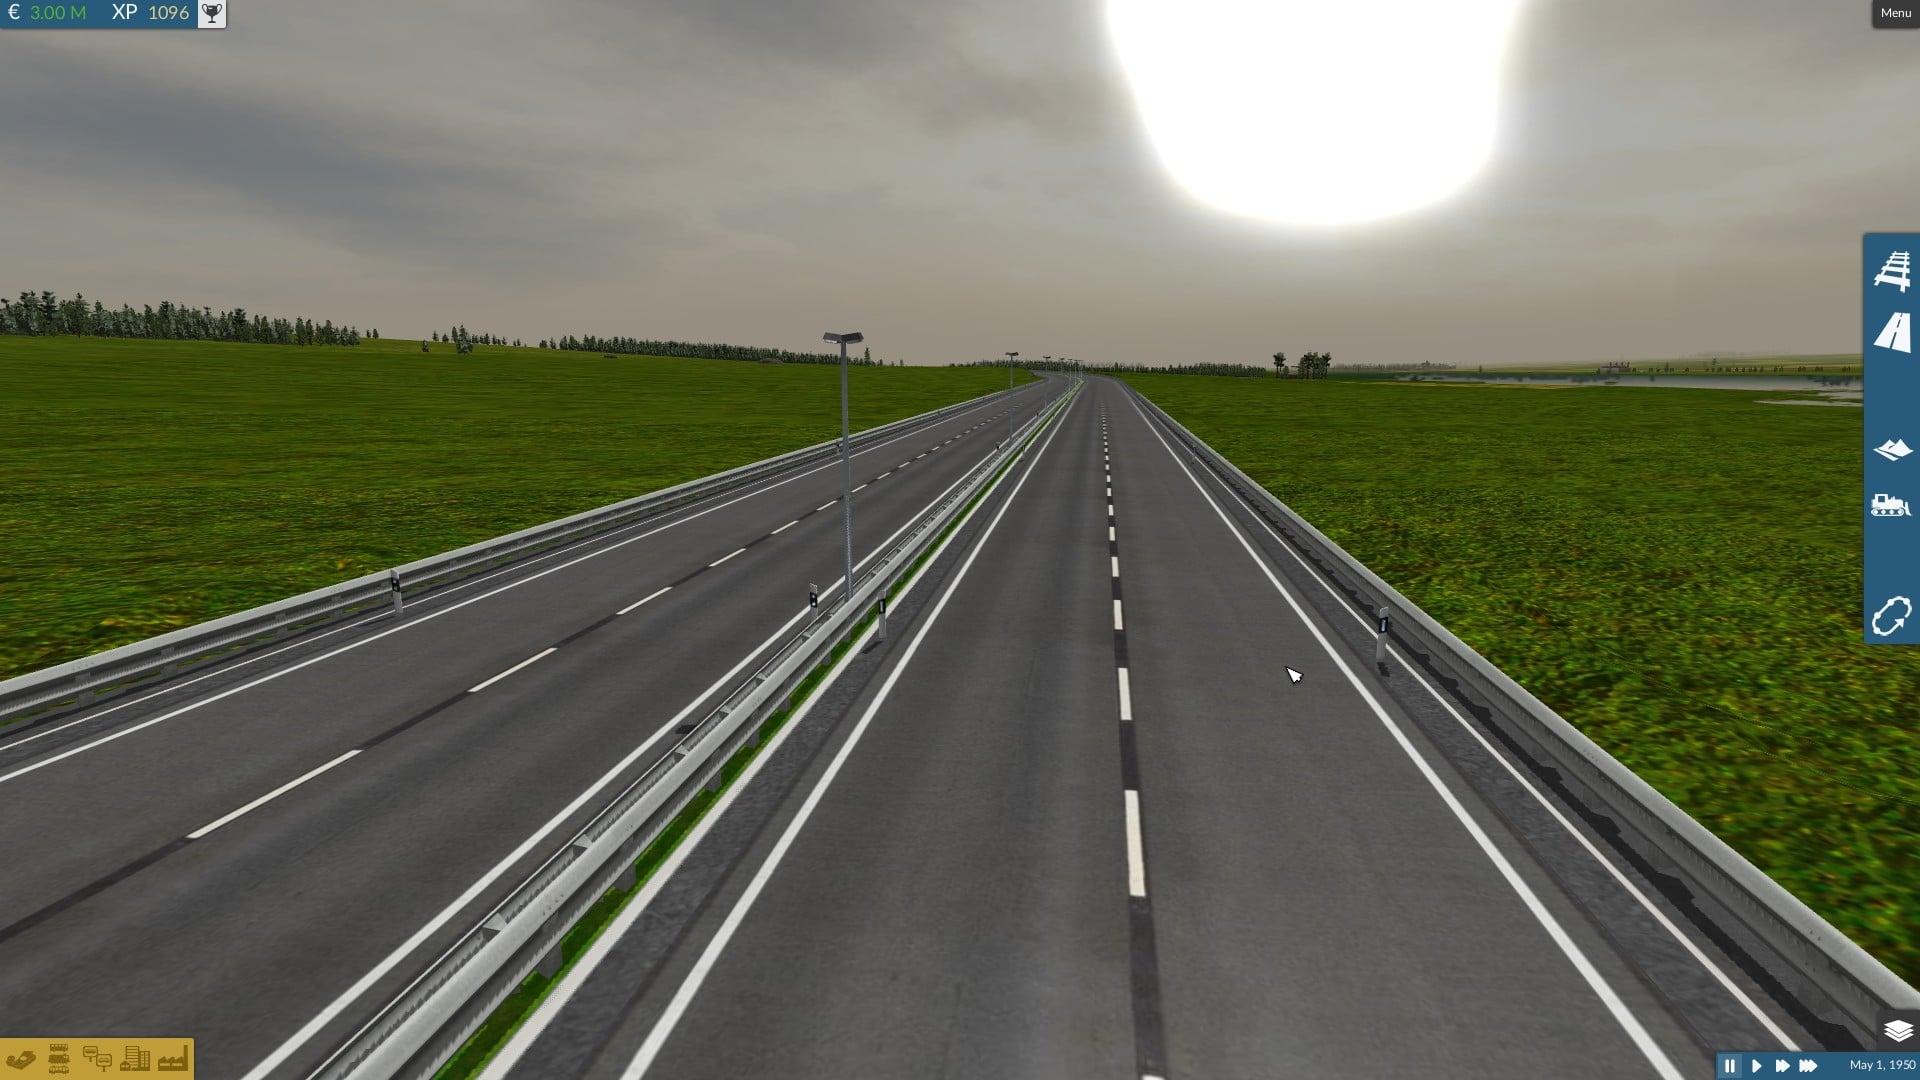 autobahn road